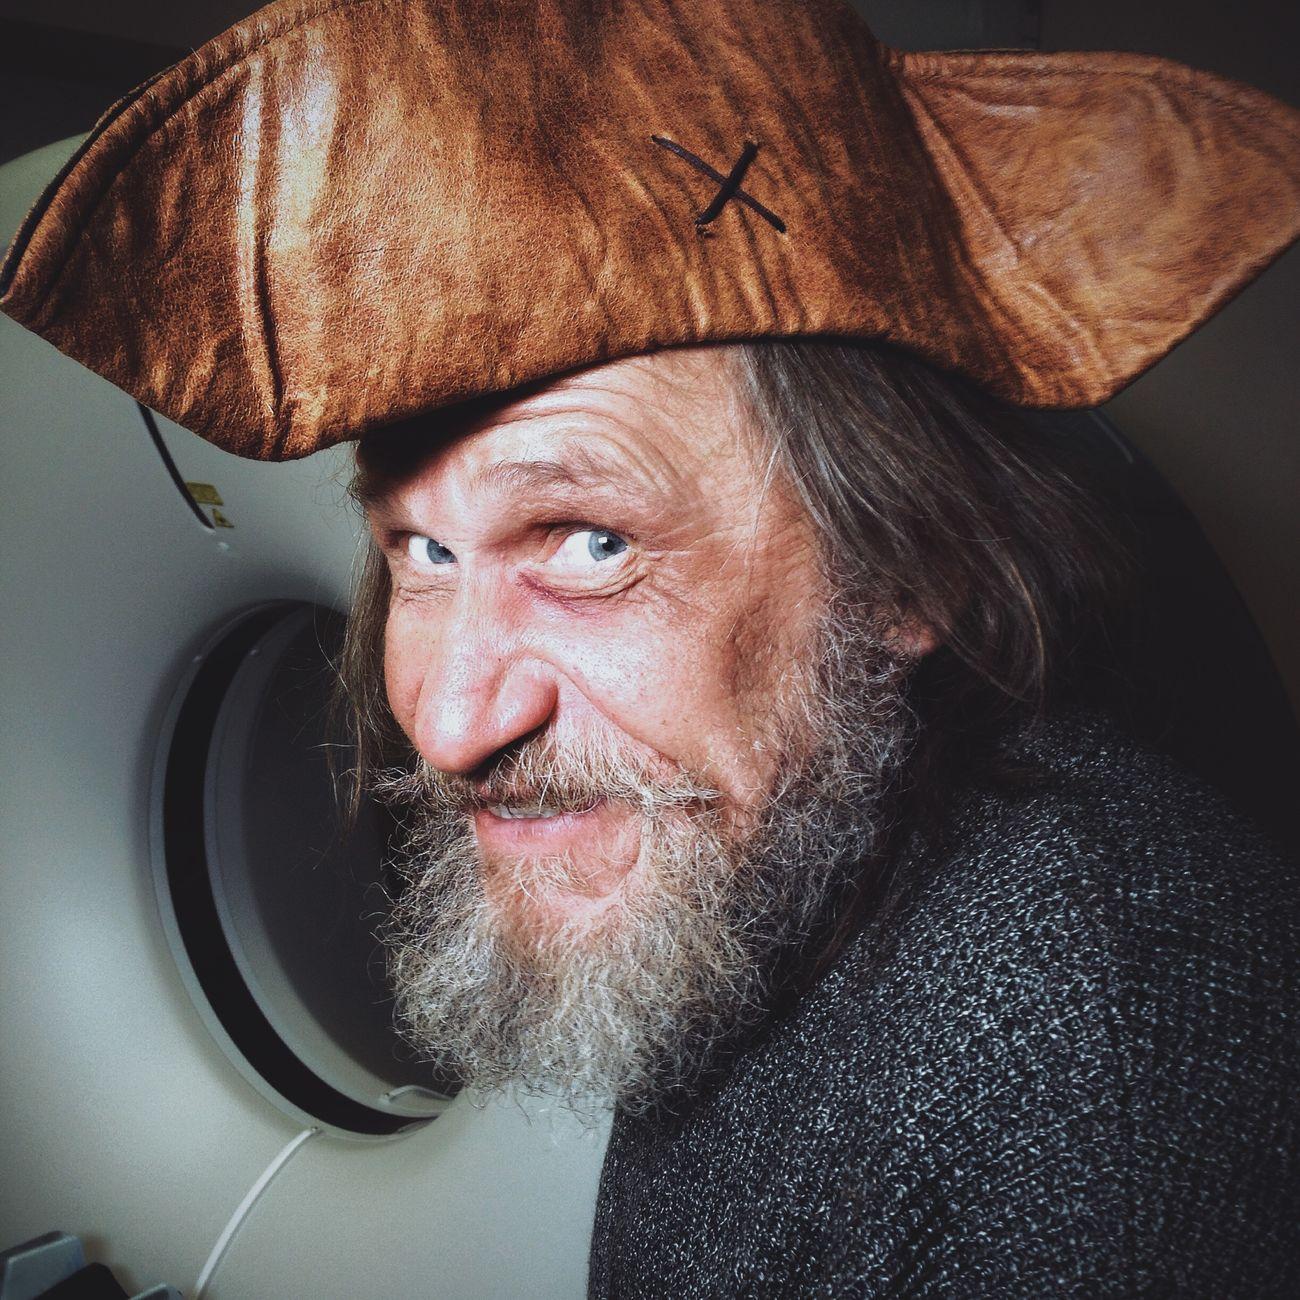 Пират и кт-аппарат медицина Поликлиника Россия Russia Mobilephoto Moscow Beautiful Portrait